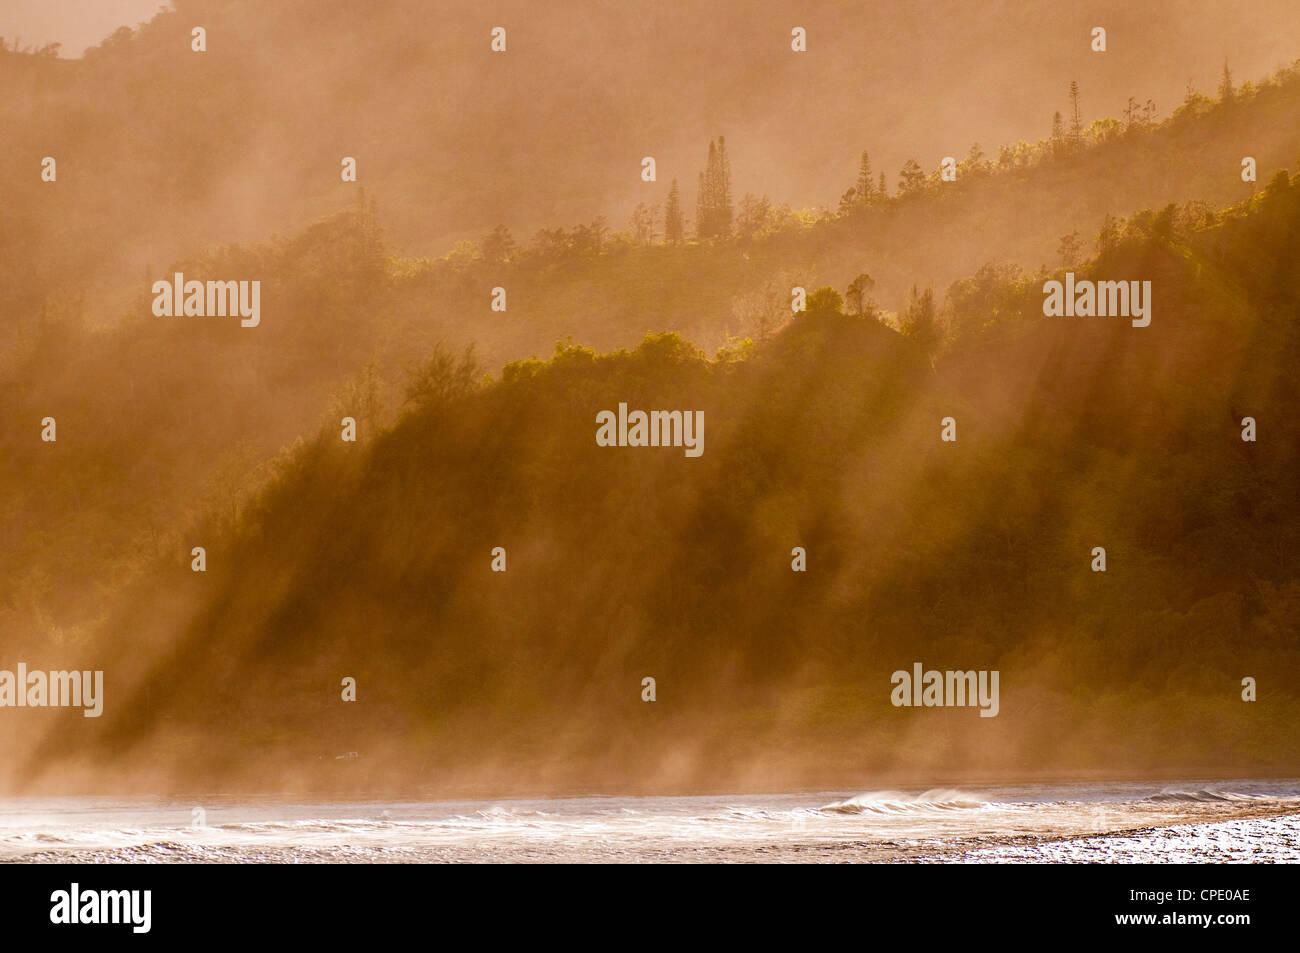 Salt spray shrouded mountains, Kauai, Hawaii - Stock Image